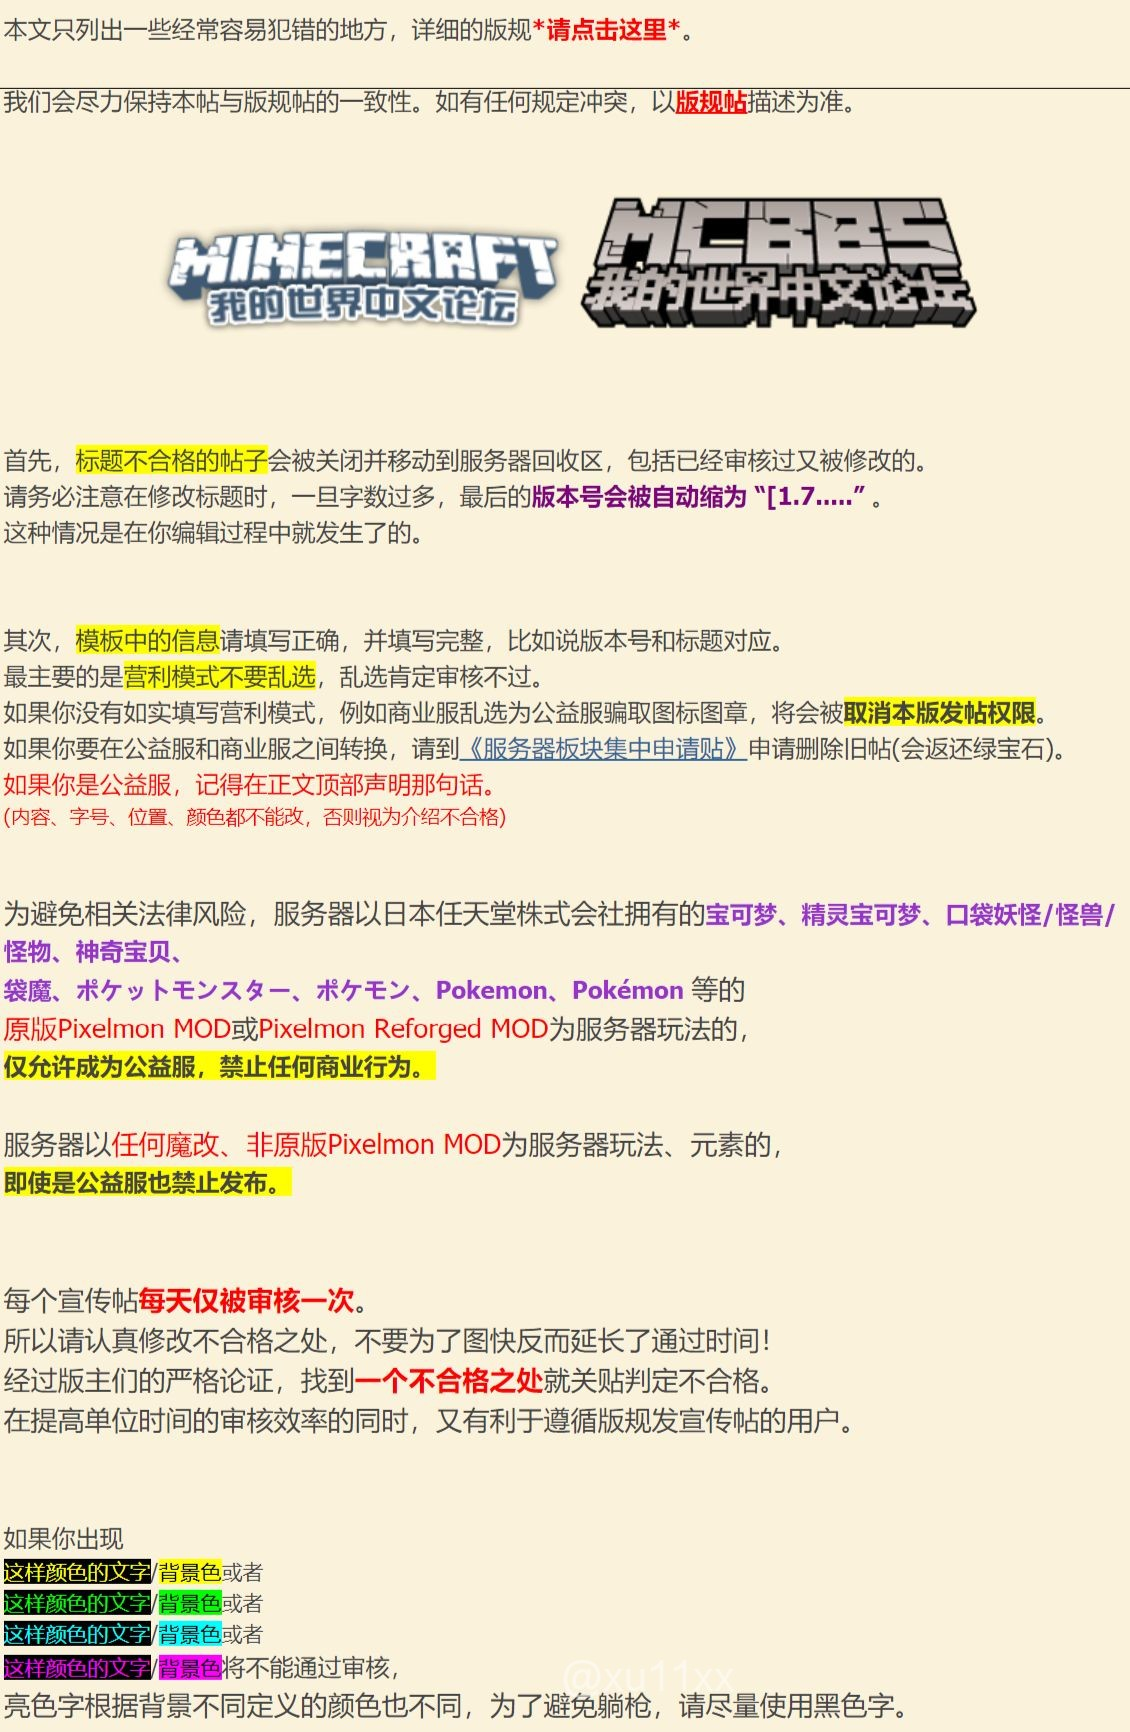 file_1599292746000.jpg